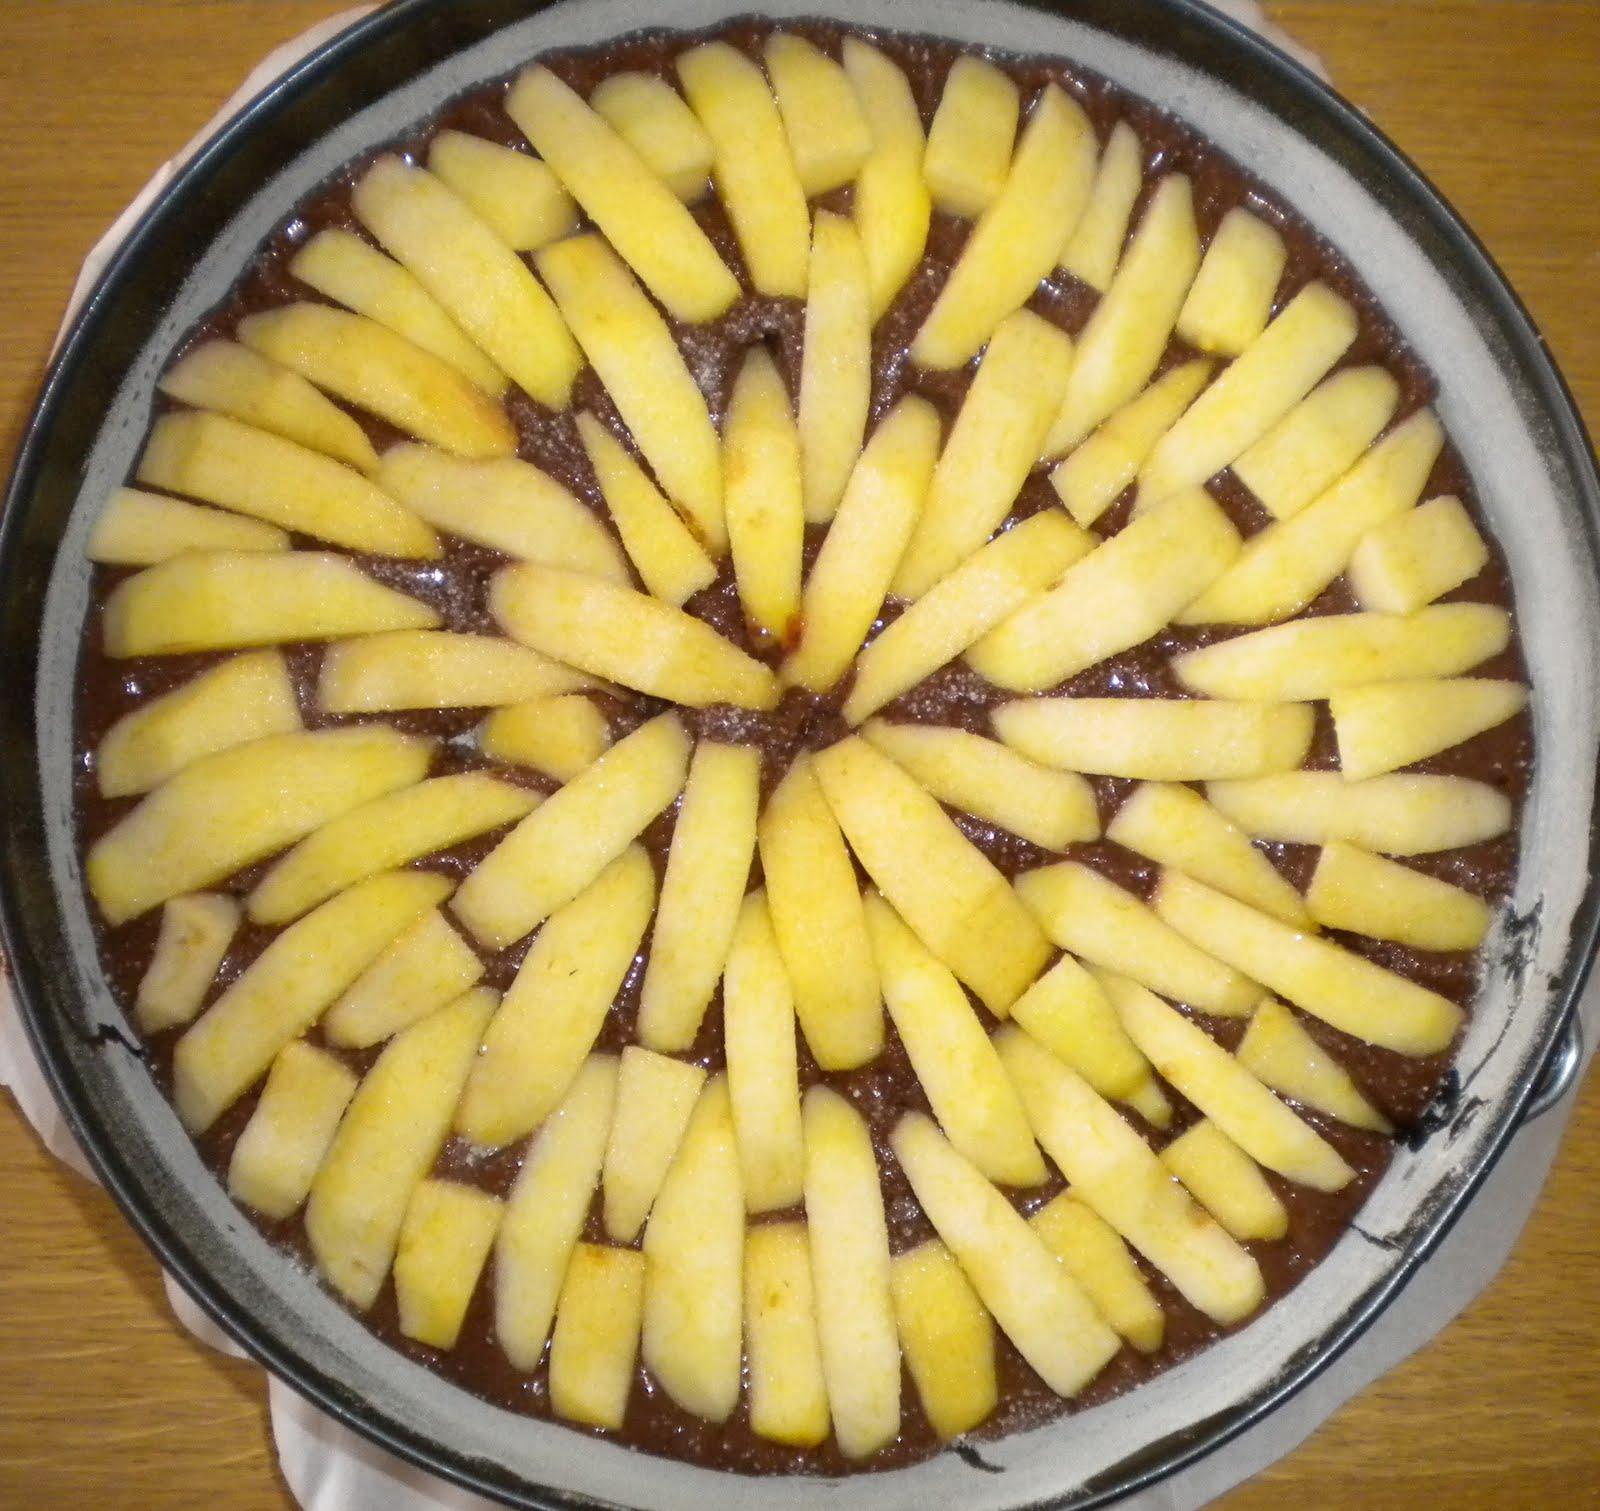 Torta mele e cioccolato cruda, dolci | Rio Terà dei Pensieri